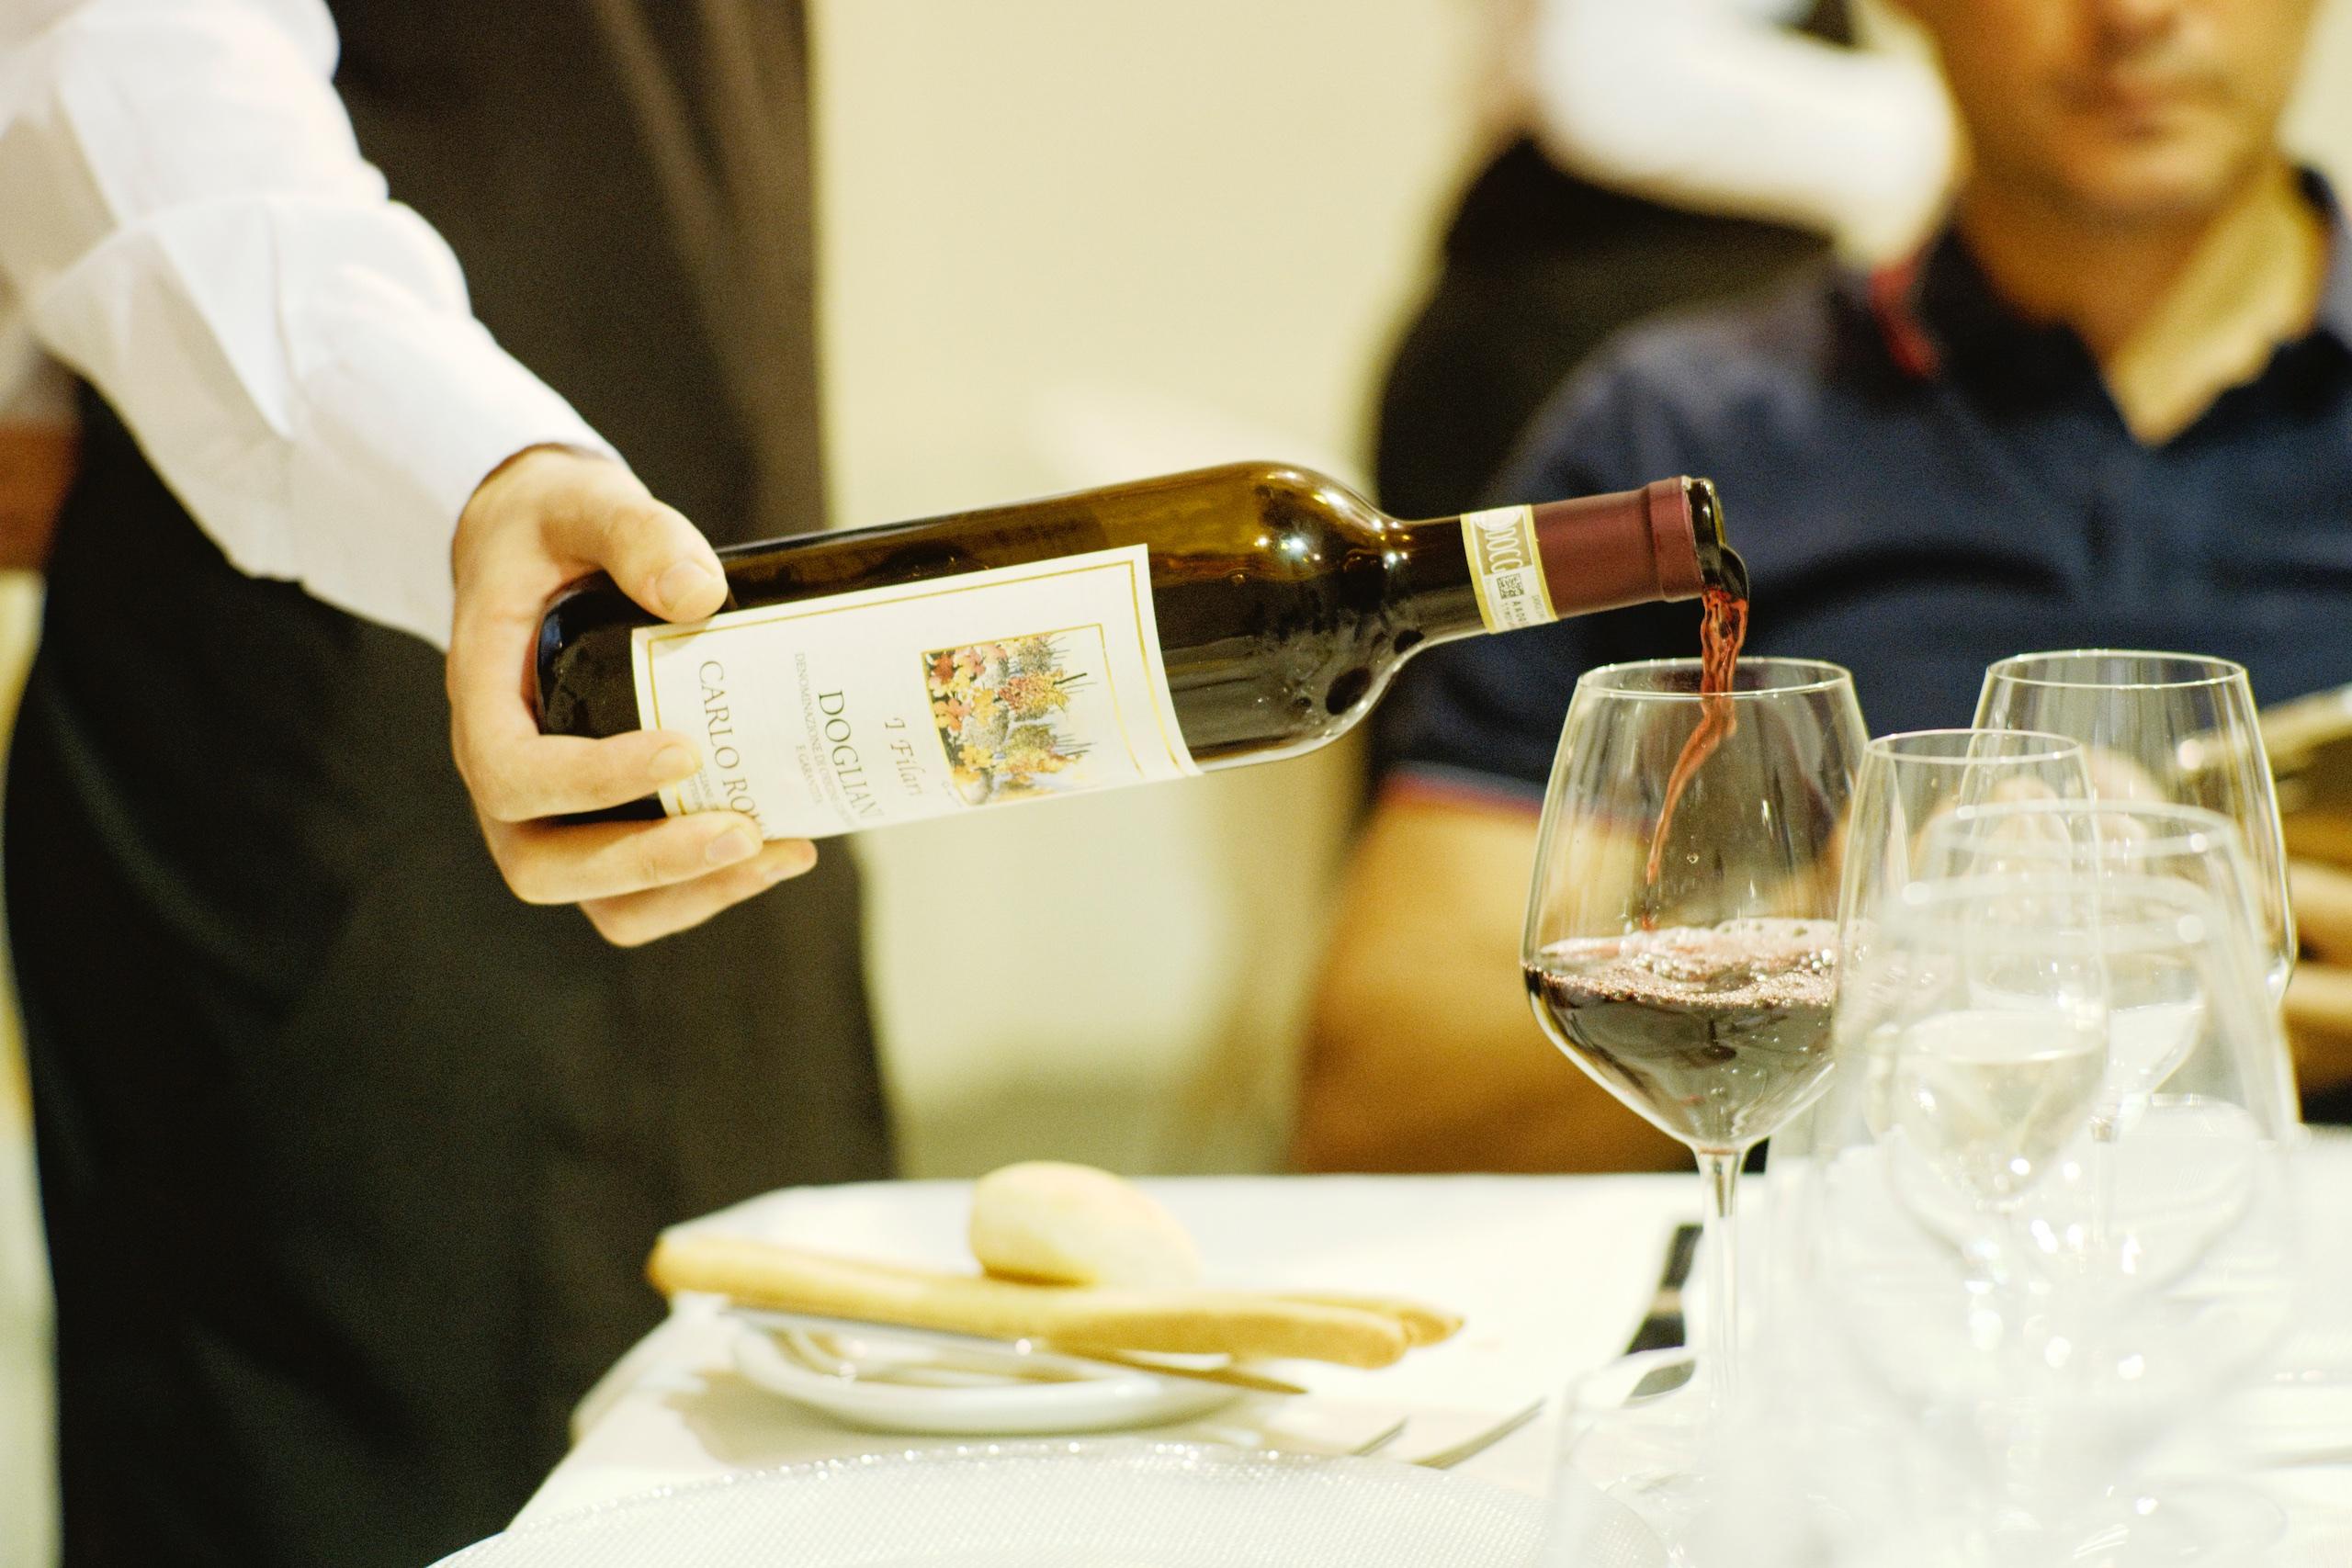 F.C.I. - Ristorazione - Elementi di degustazione vini e abbinamento enogastronomico